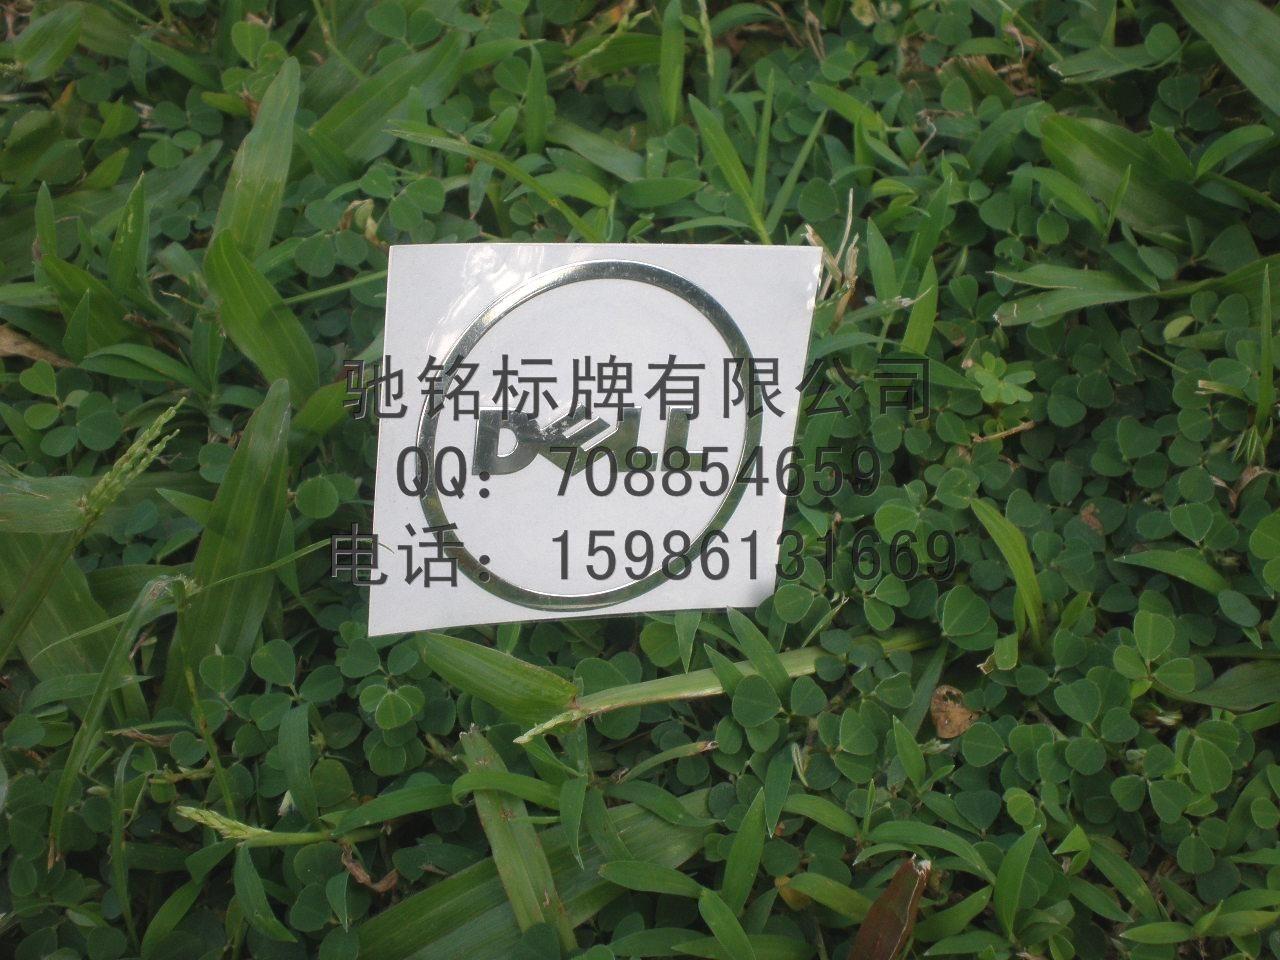 dell商标 显示器标牌 电脑铭牌 金属标牌图片